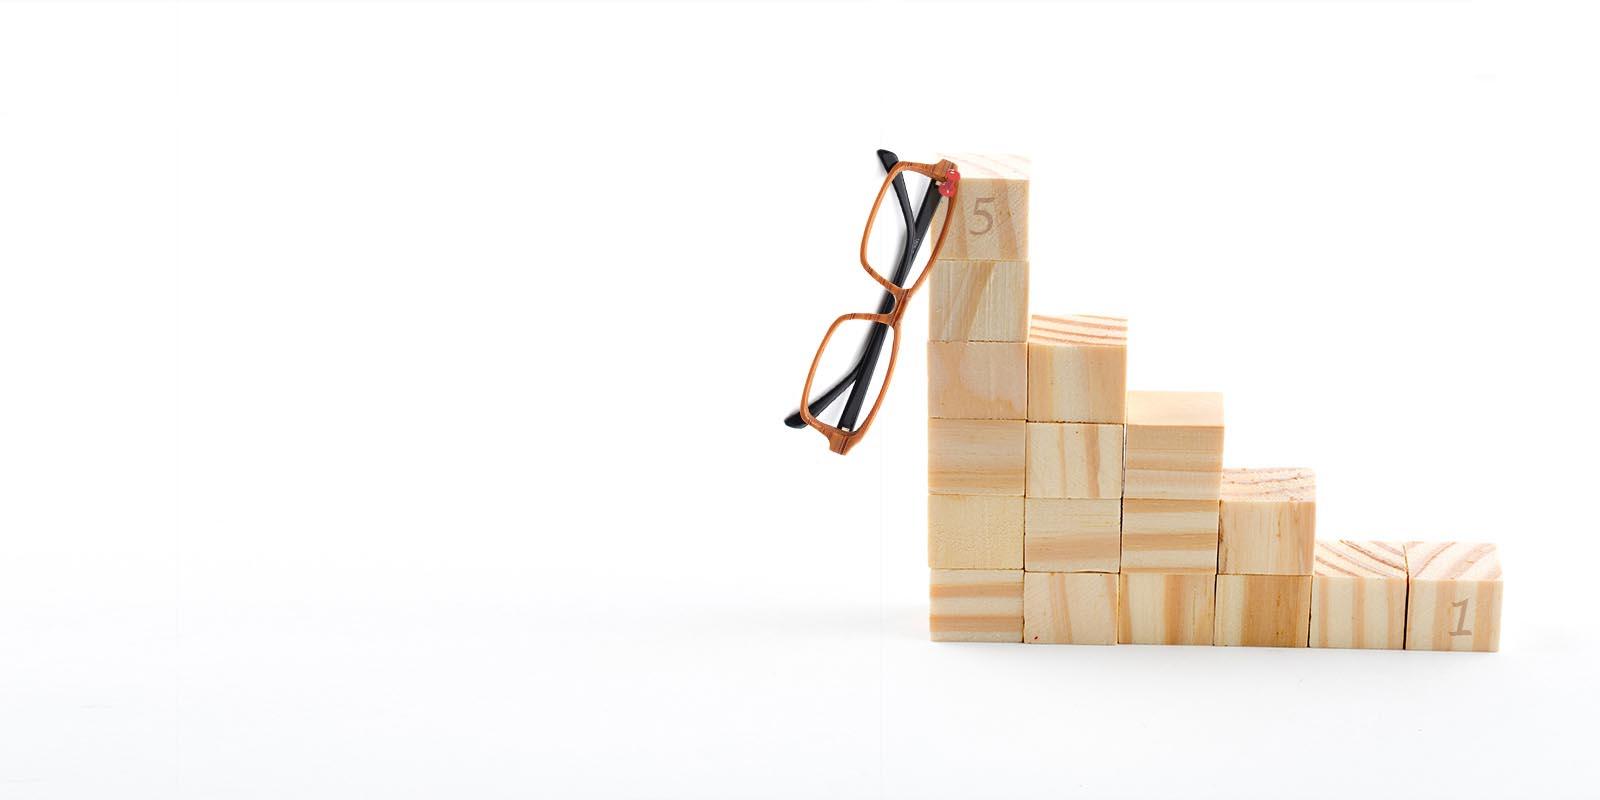 Five Easy Steps to Buy Eyeglasses Online